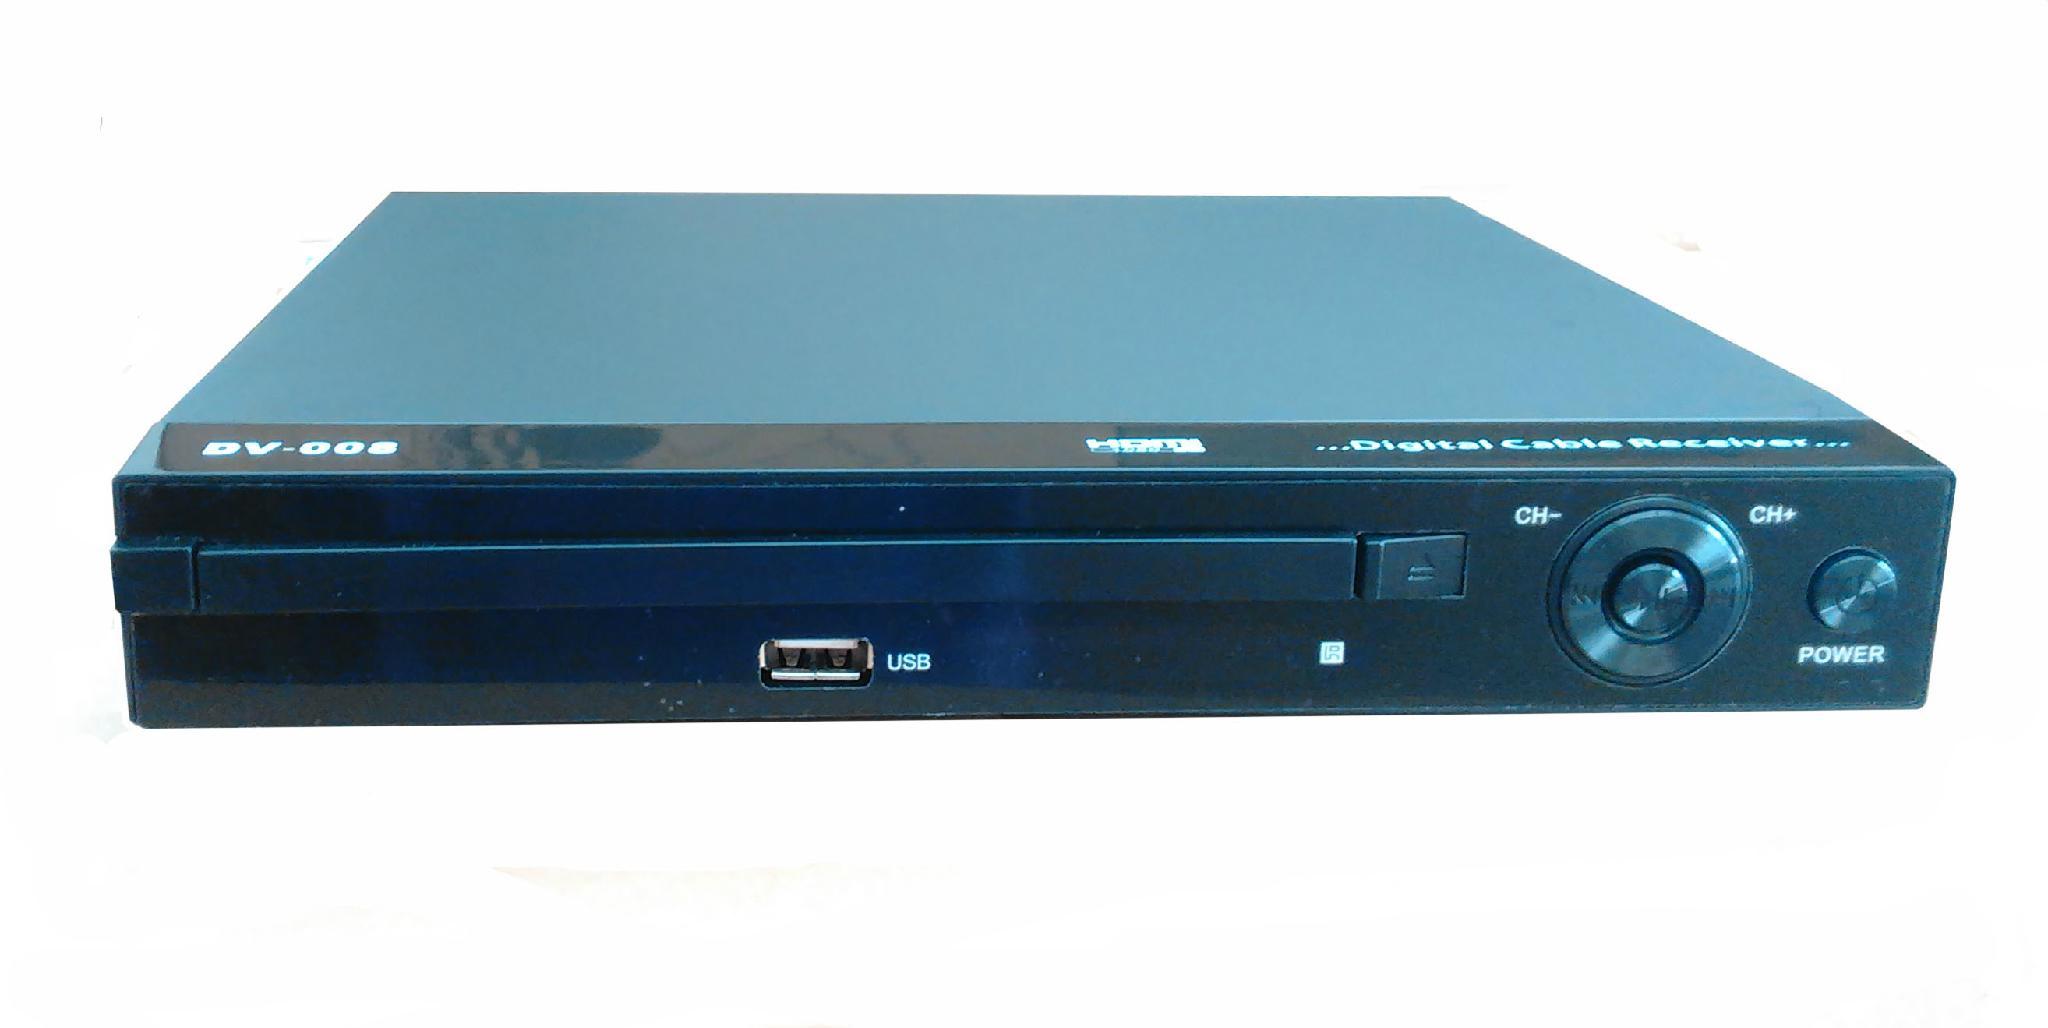 傢具展廳電視機頂盒模型 3